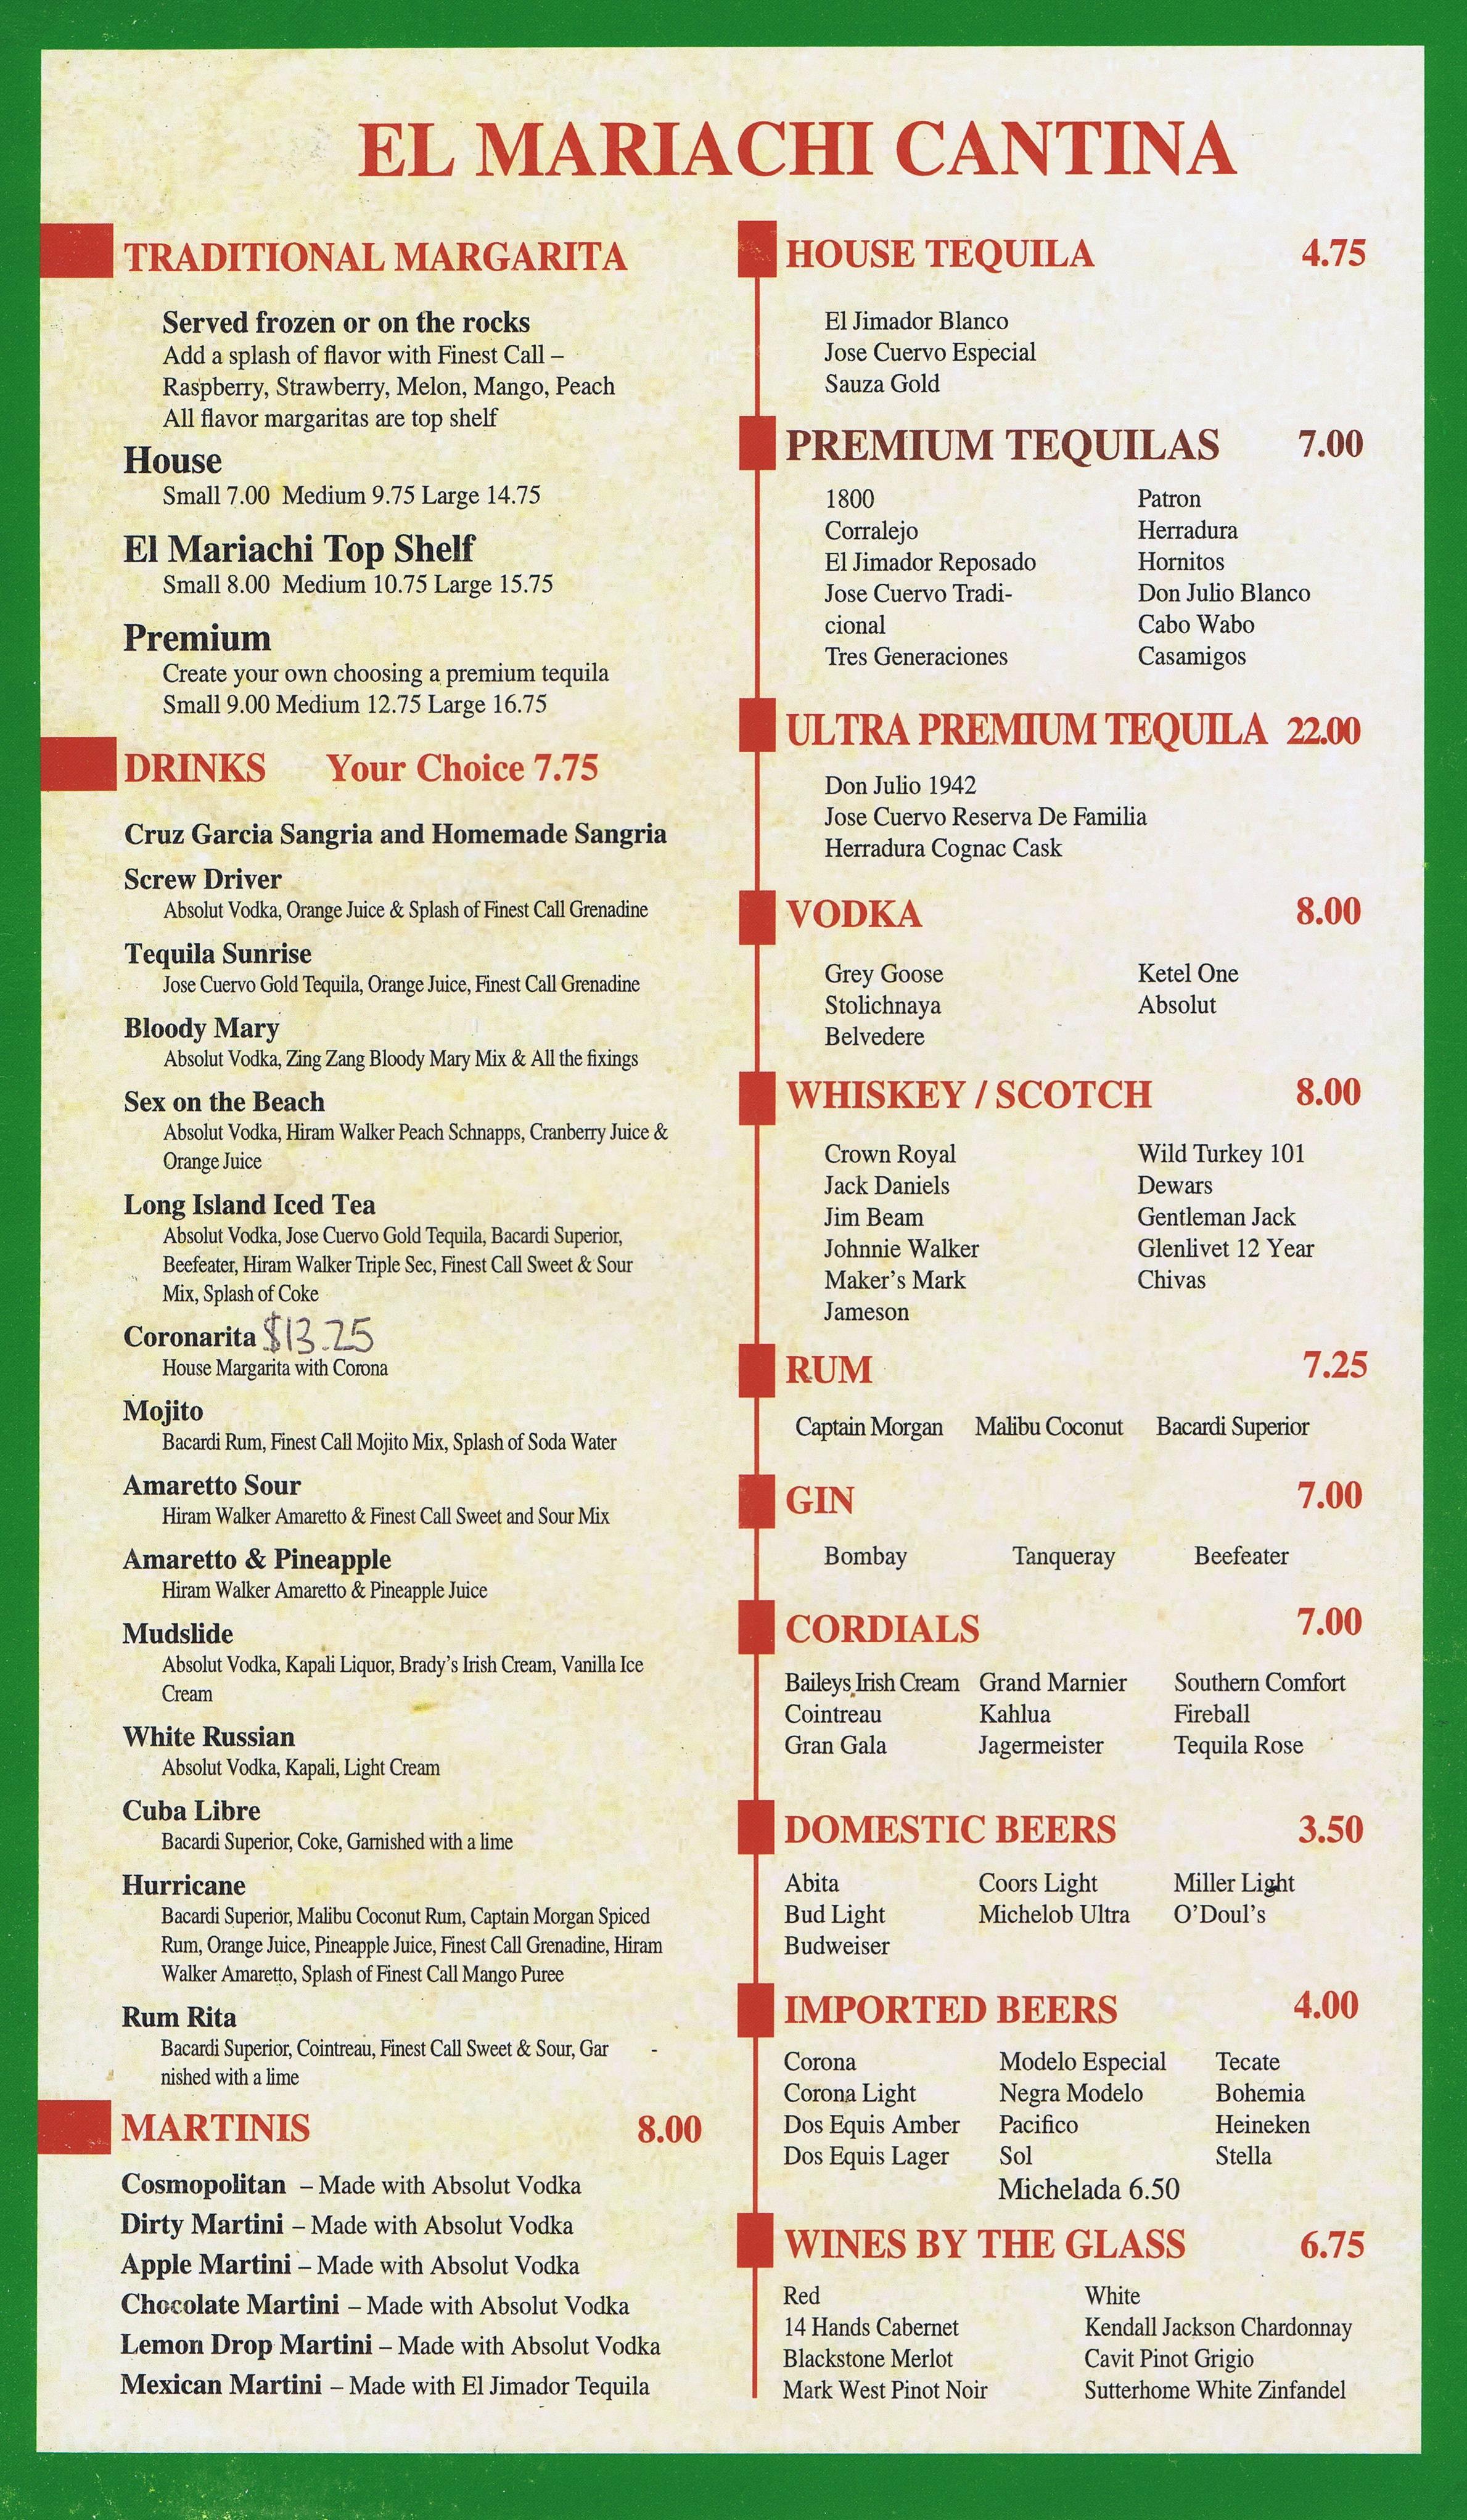 El Mariachi Mexican Restaurant image 1